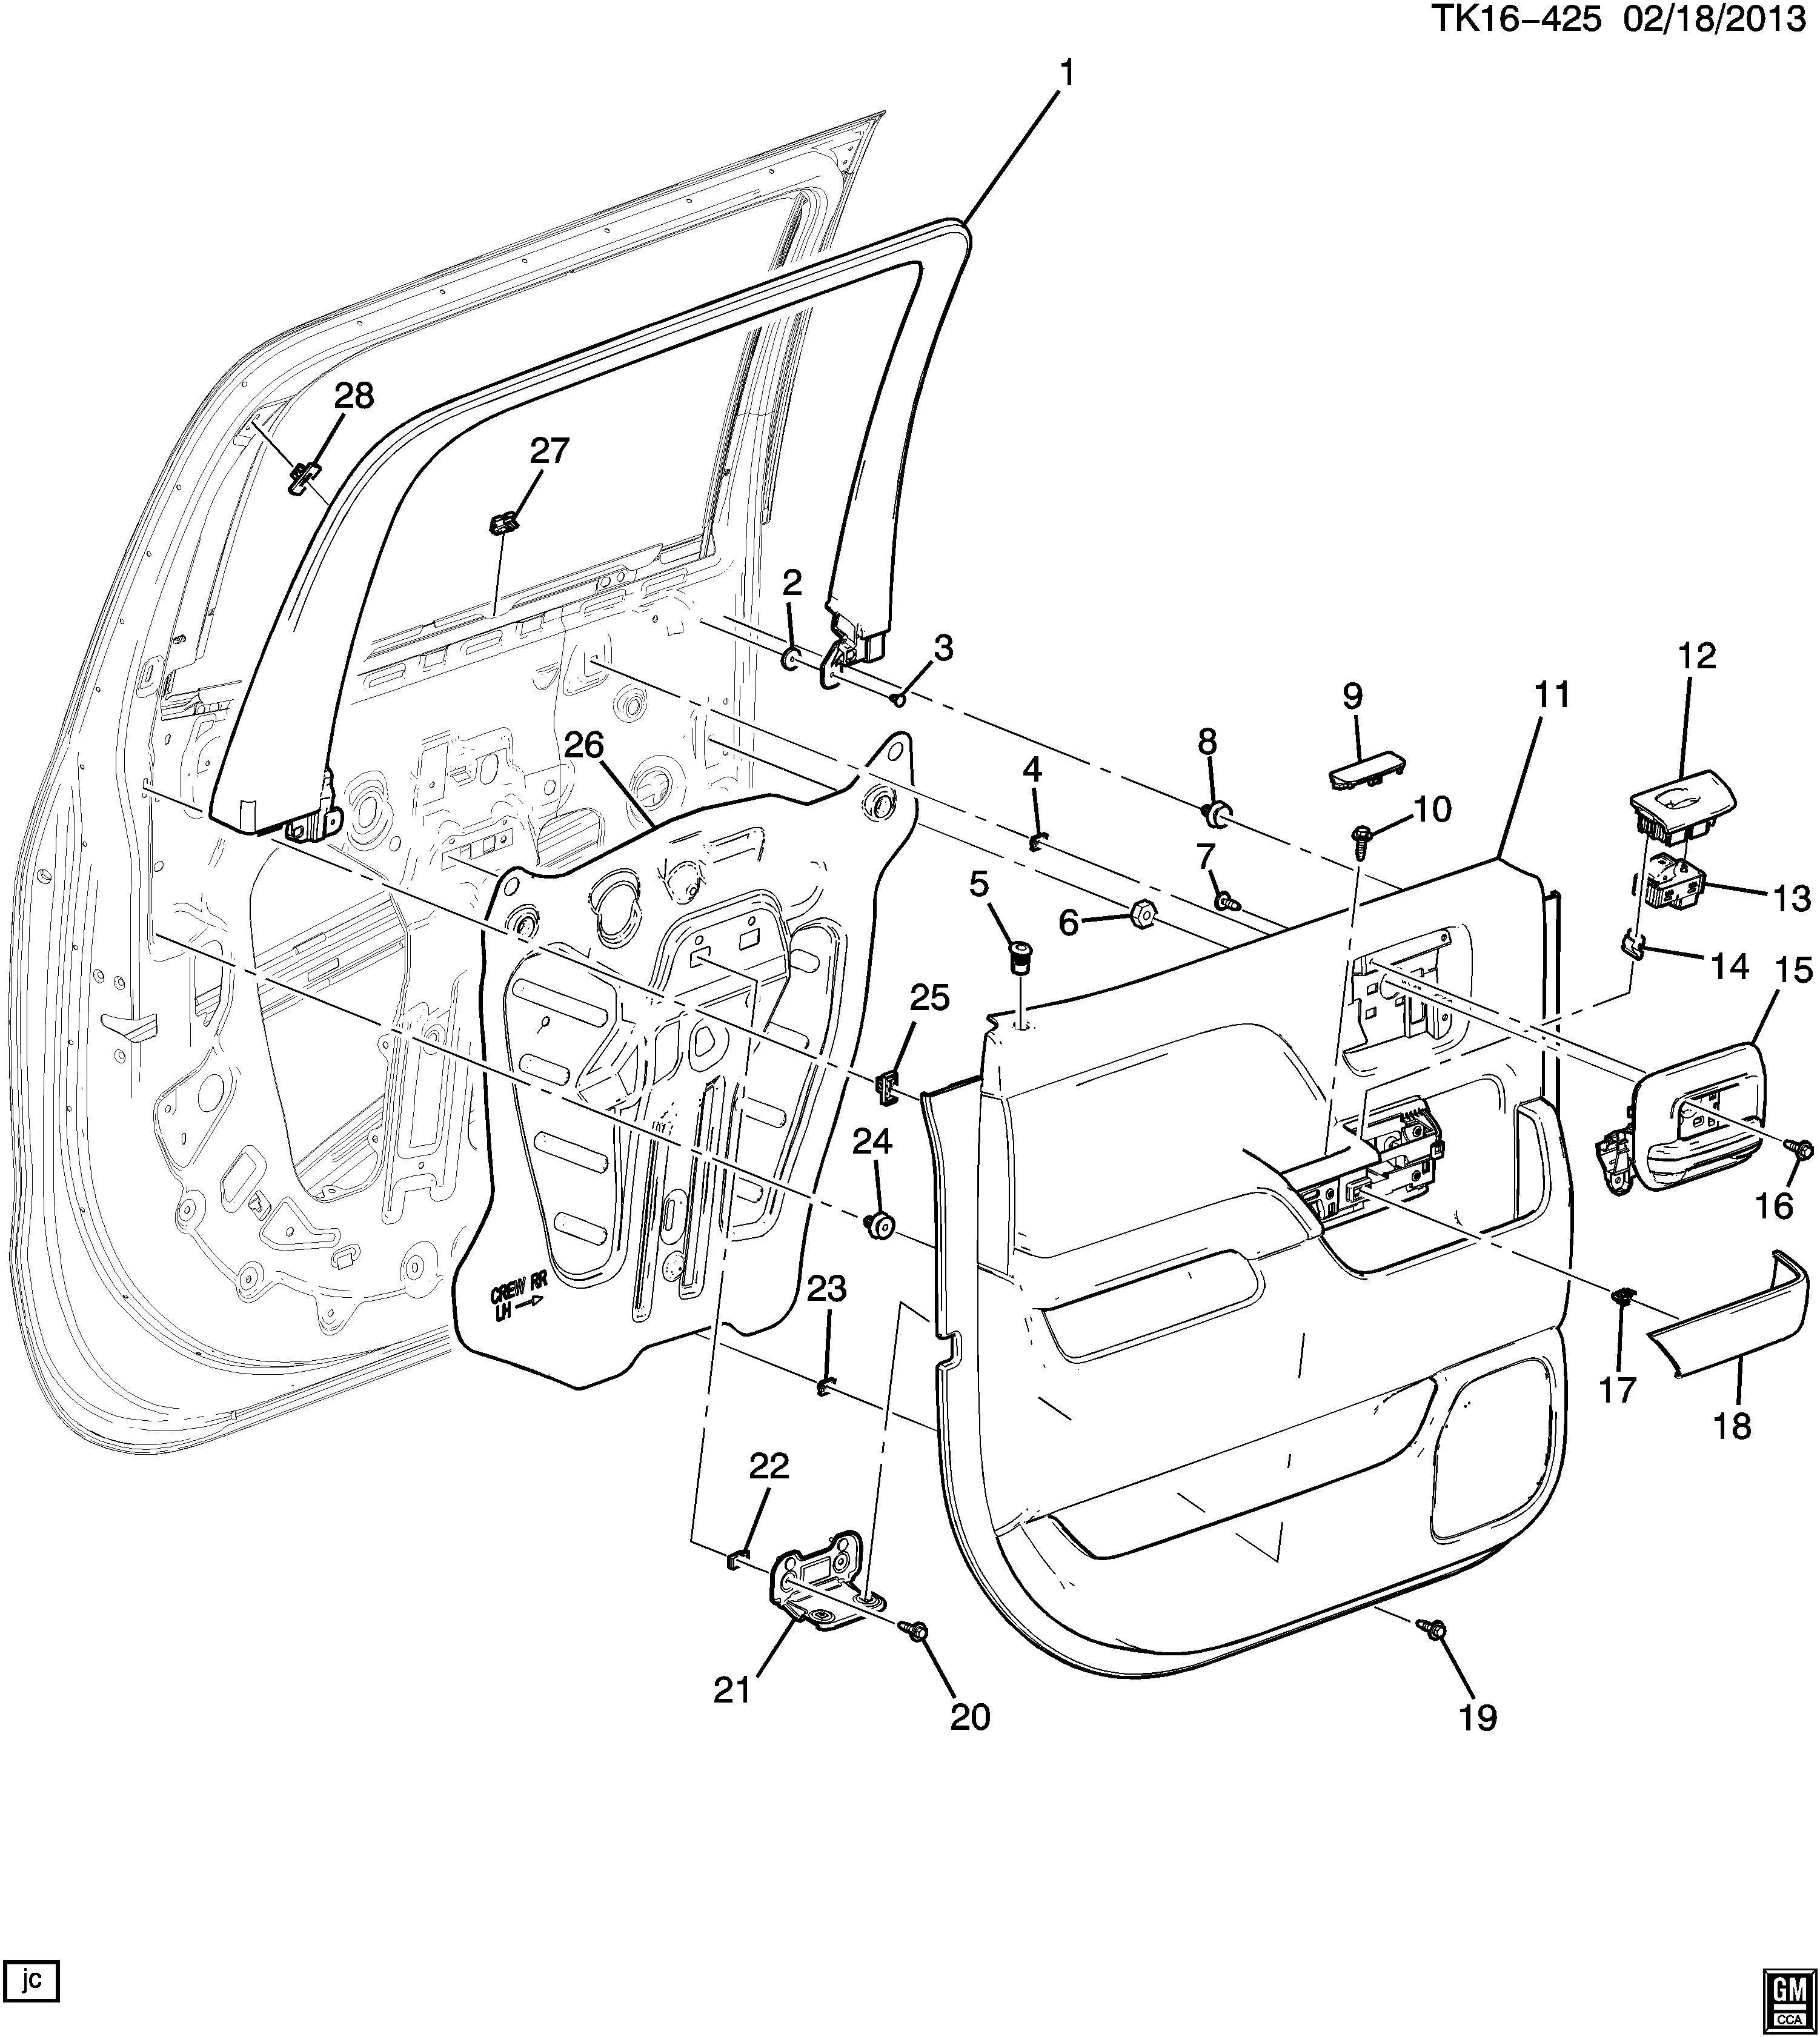 Chevrolet Silverado Trim Armrest Trim Rr S D A Rst Cvr